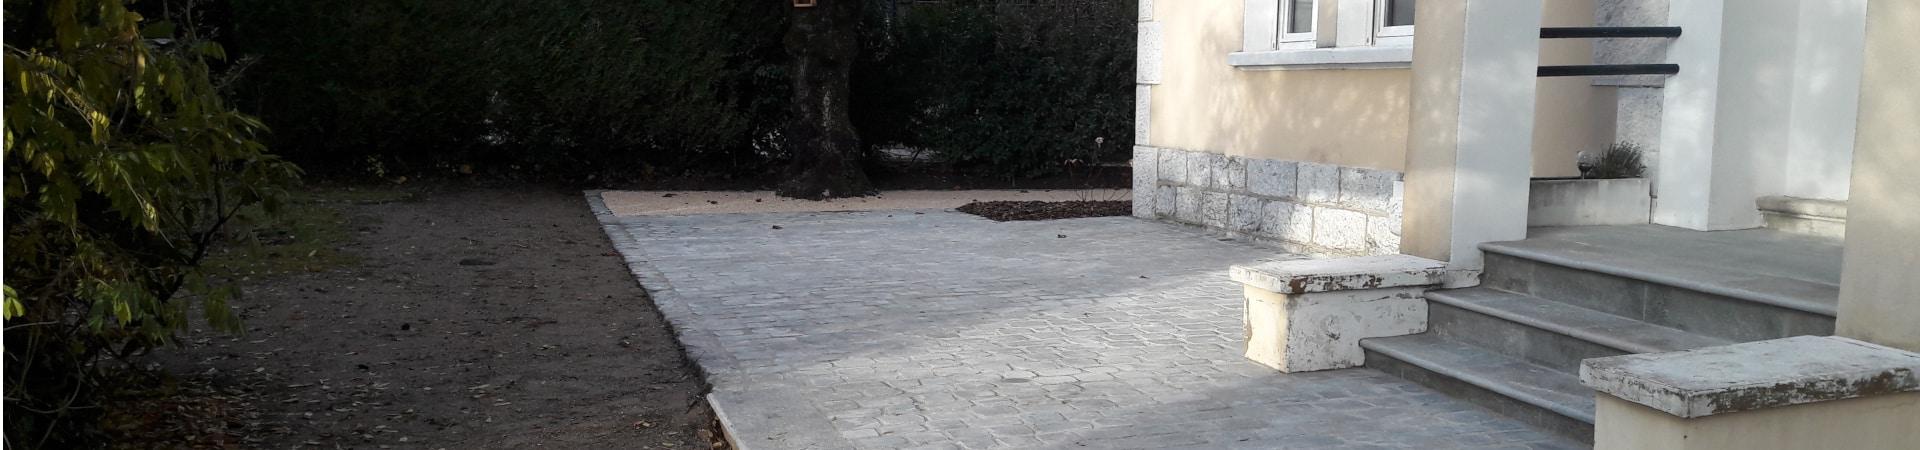 Aménagement paysager à Tresserve_ pavés de Lyon